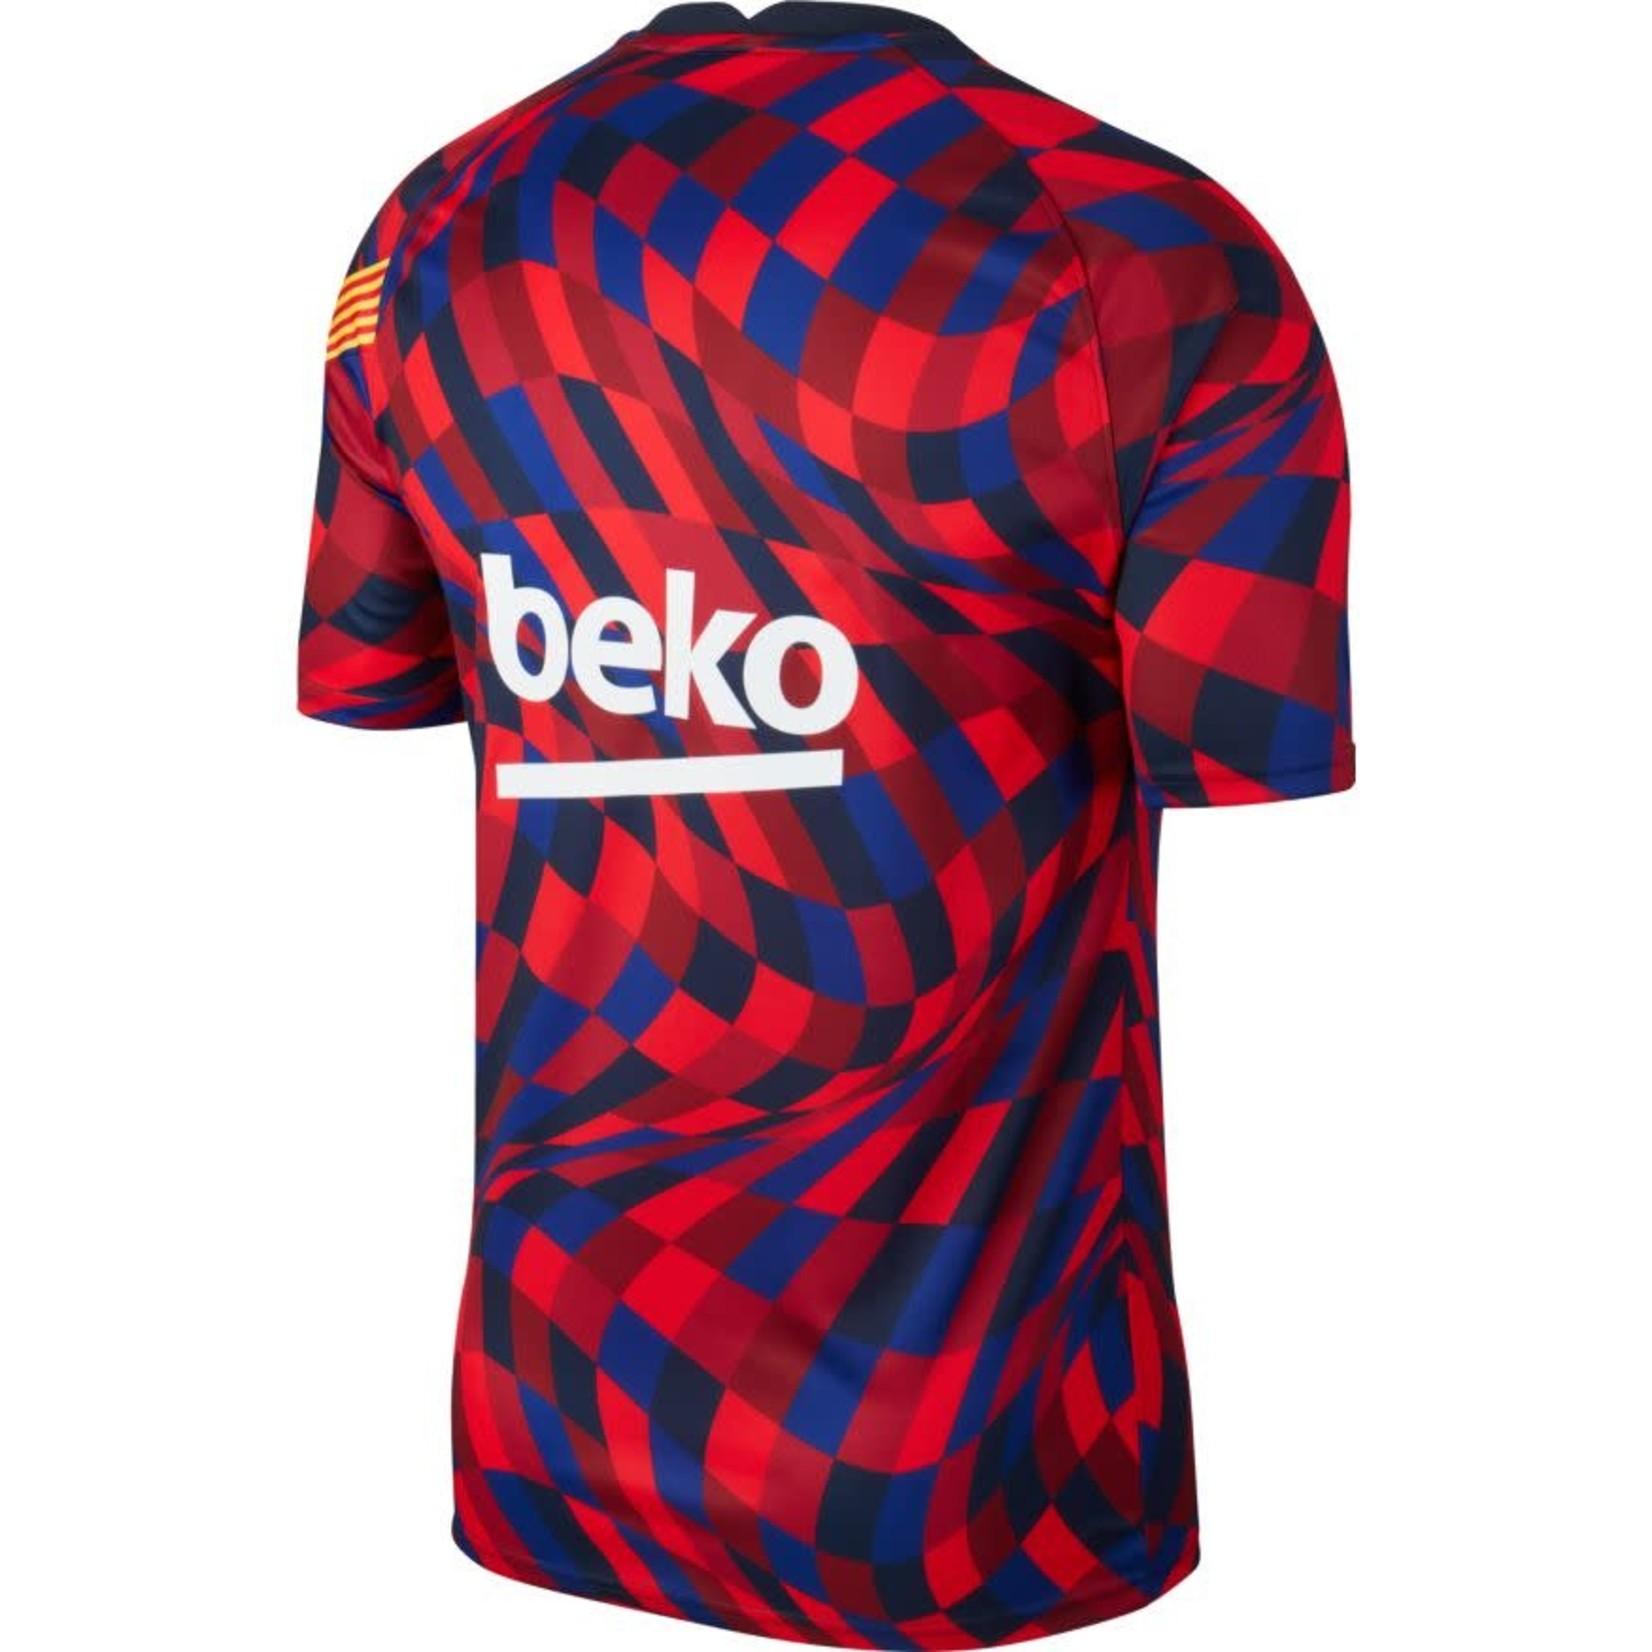 NIKE FC BARCELONA 20/21 PREMATCH JERSEY